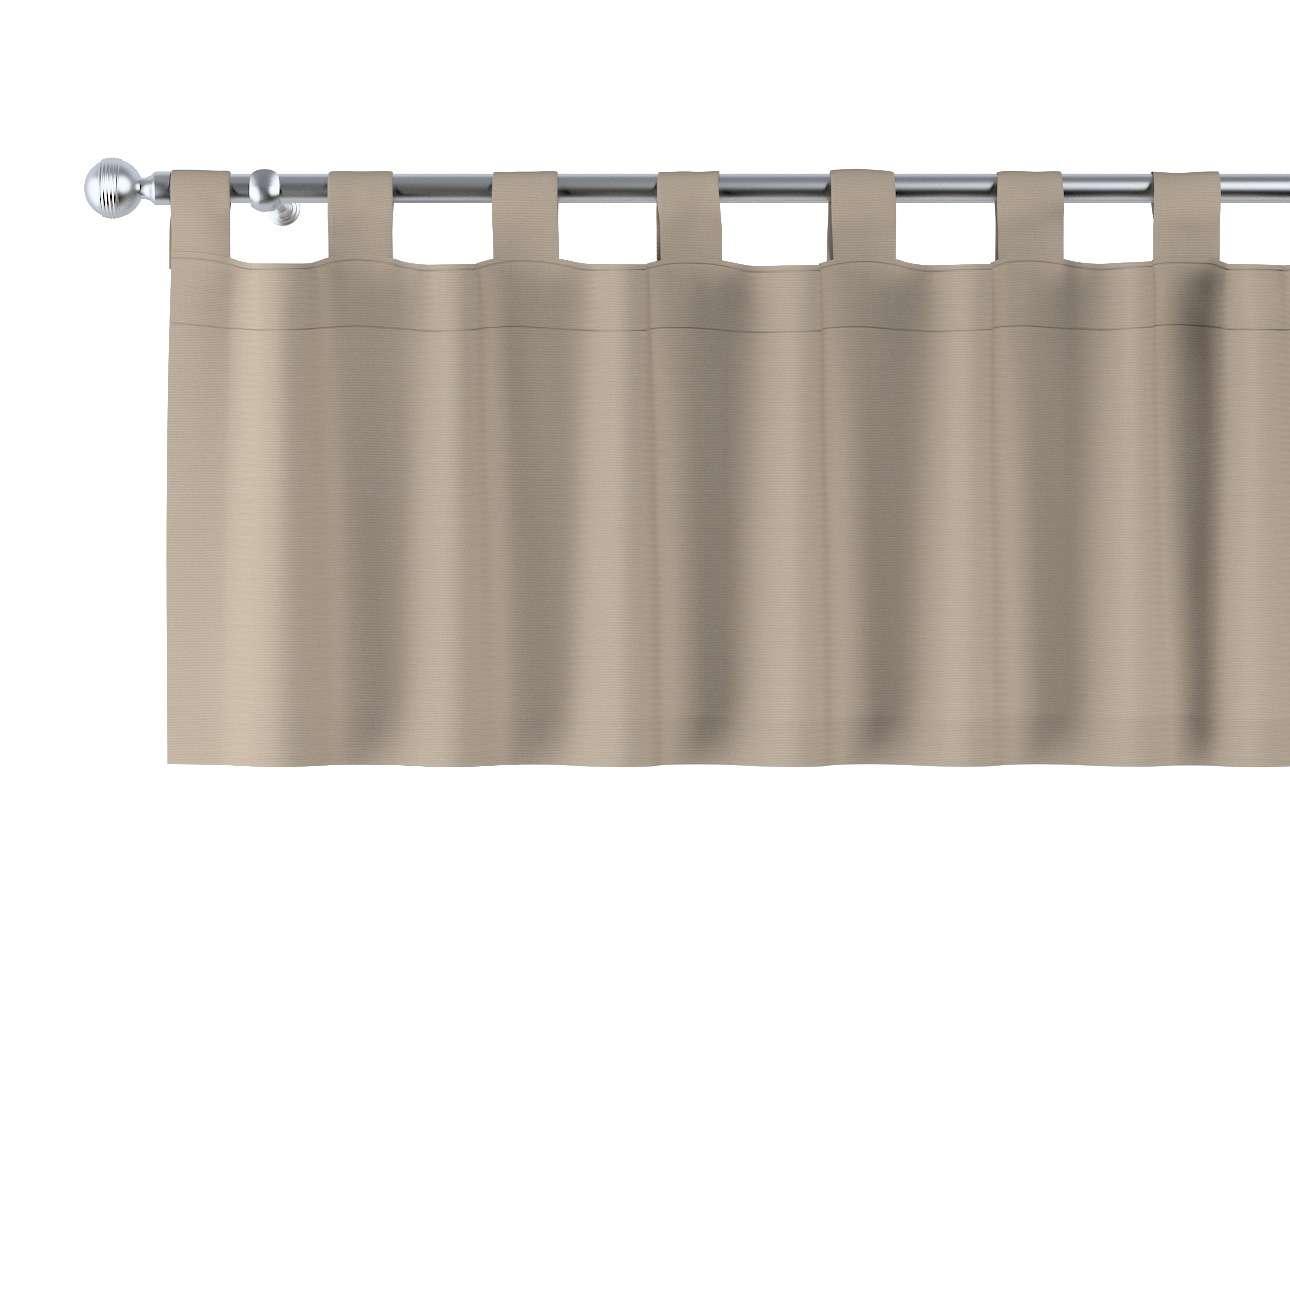 Trumpa užuolaidėlė (lambrekenas) kilpinis klostavimas 130x40cm kolekcijoje Cotton Panama, audinys: 702-28